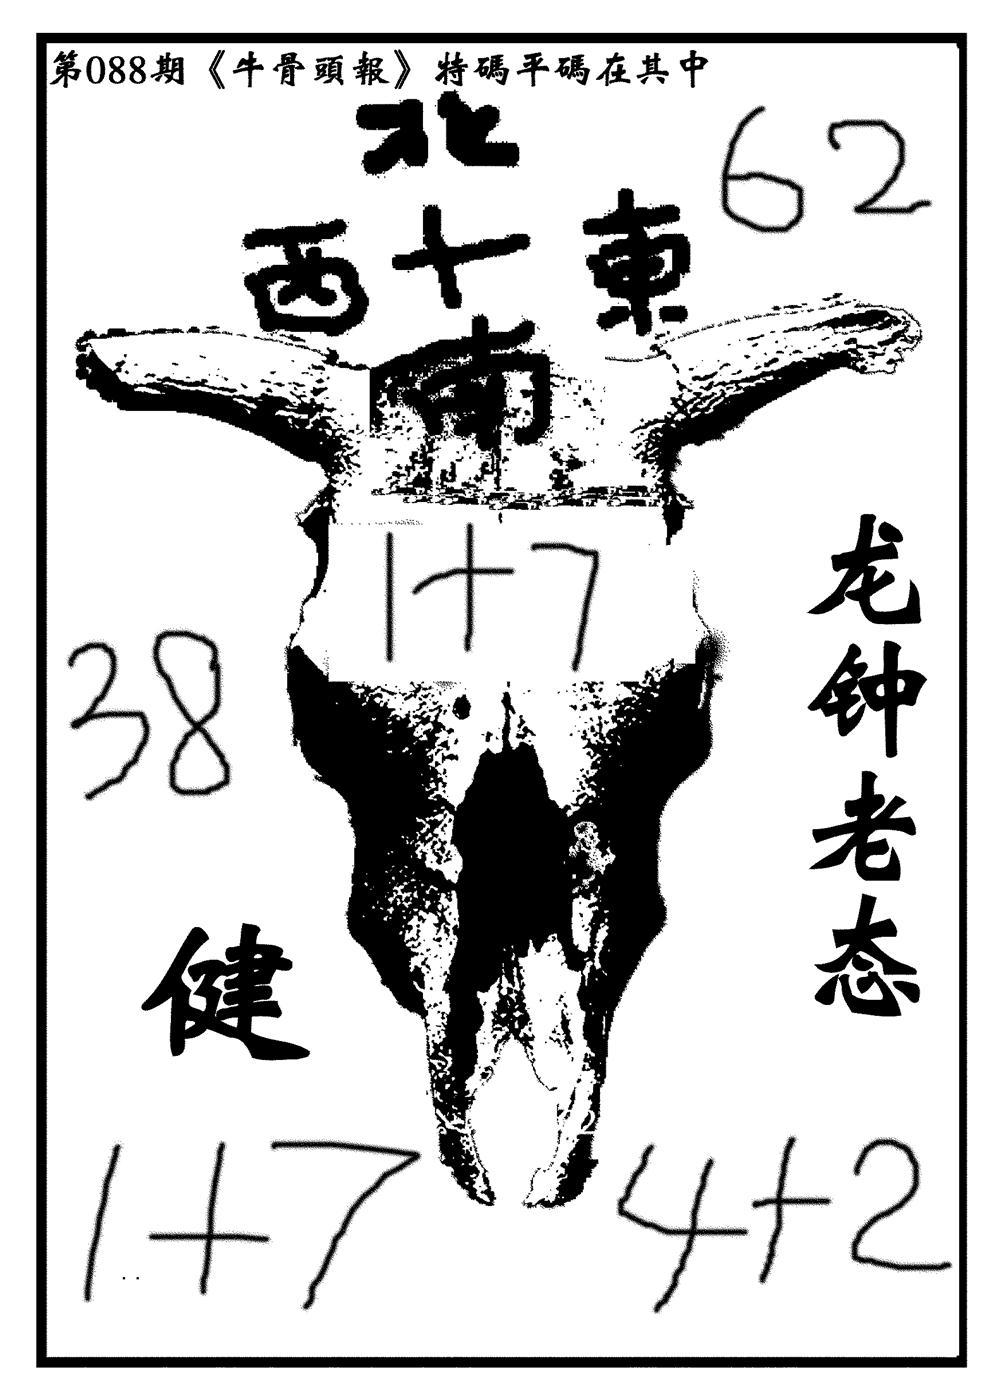 088期牛头报(黑白)